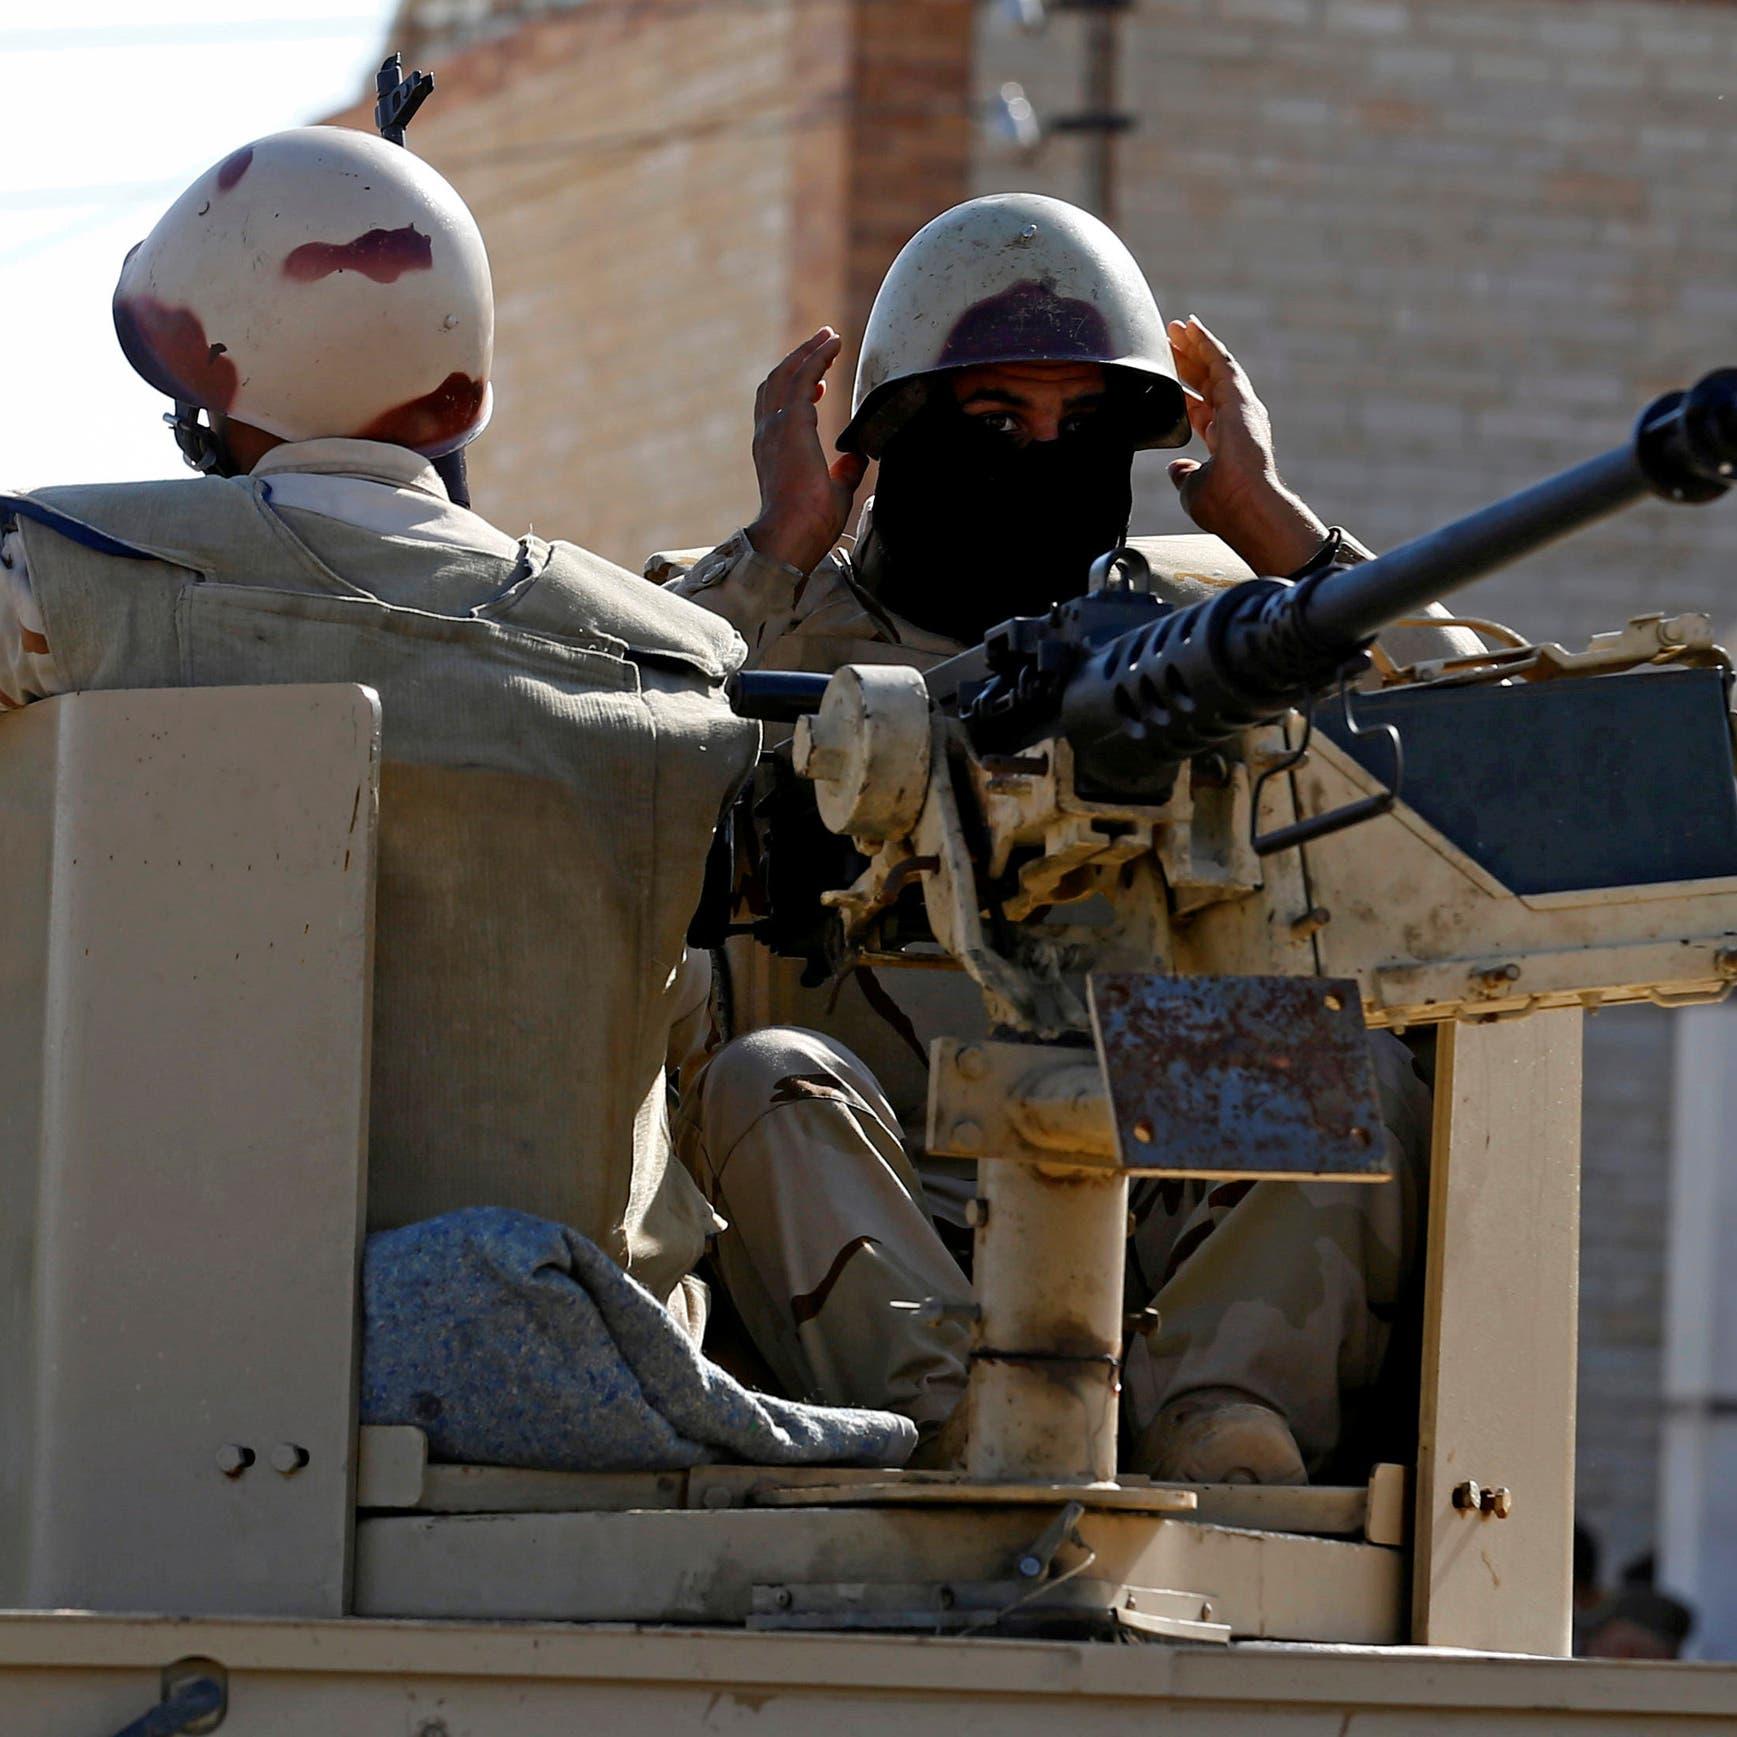 عملية نوعية للجيش في سيناء ومقتل إرهابيين بينهم قيادي كبير